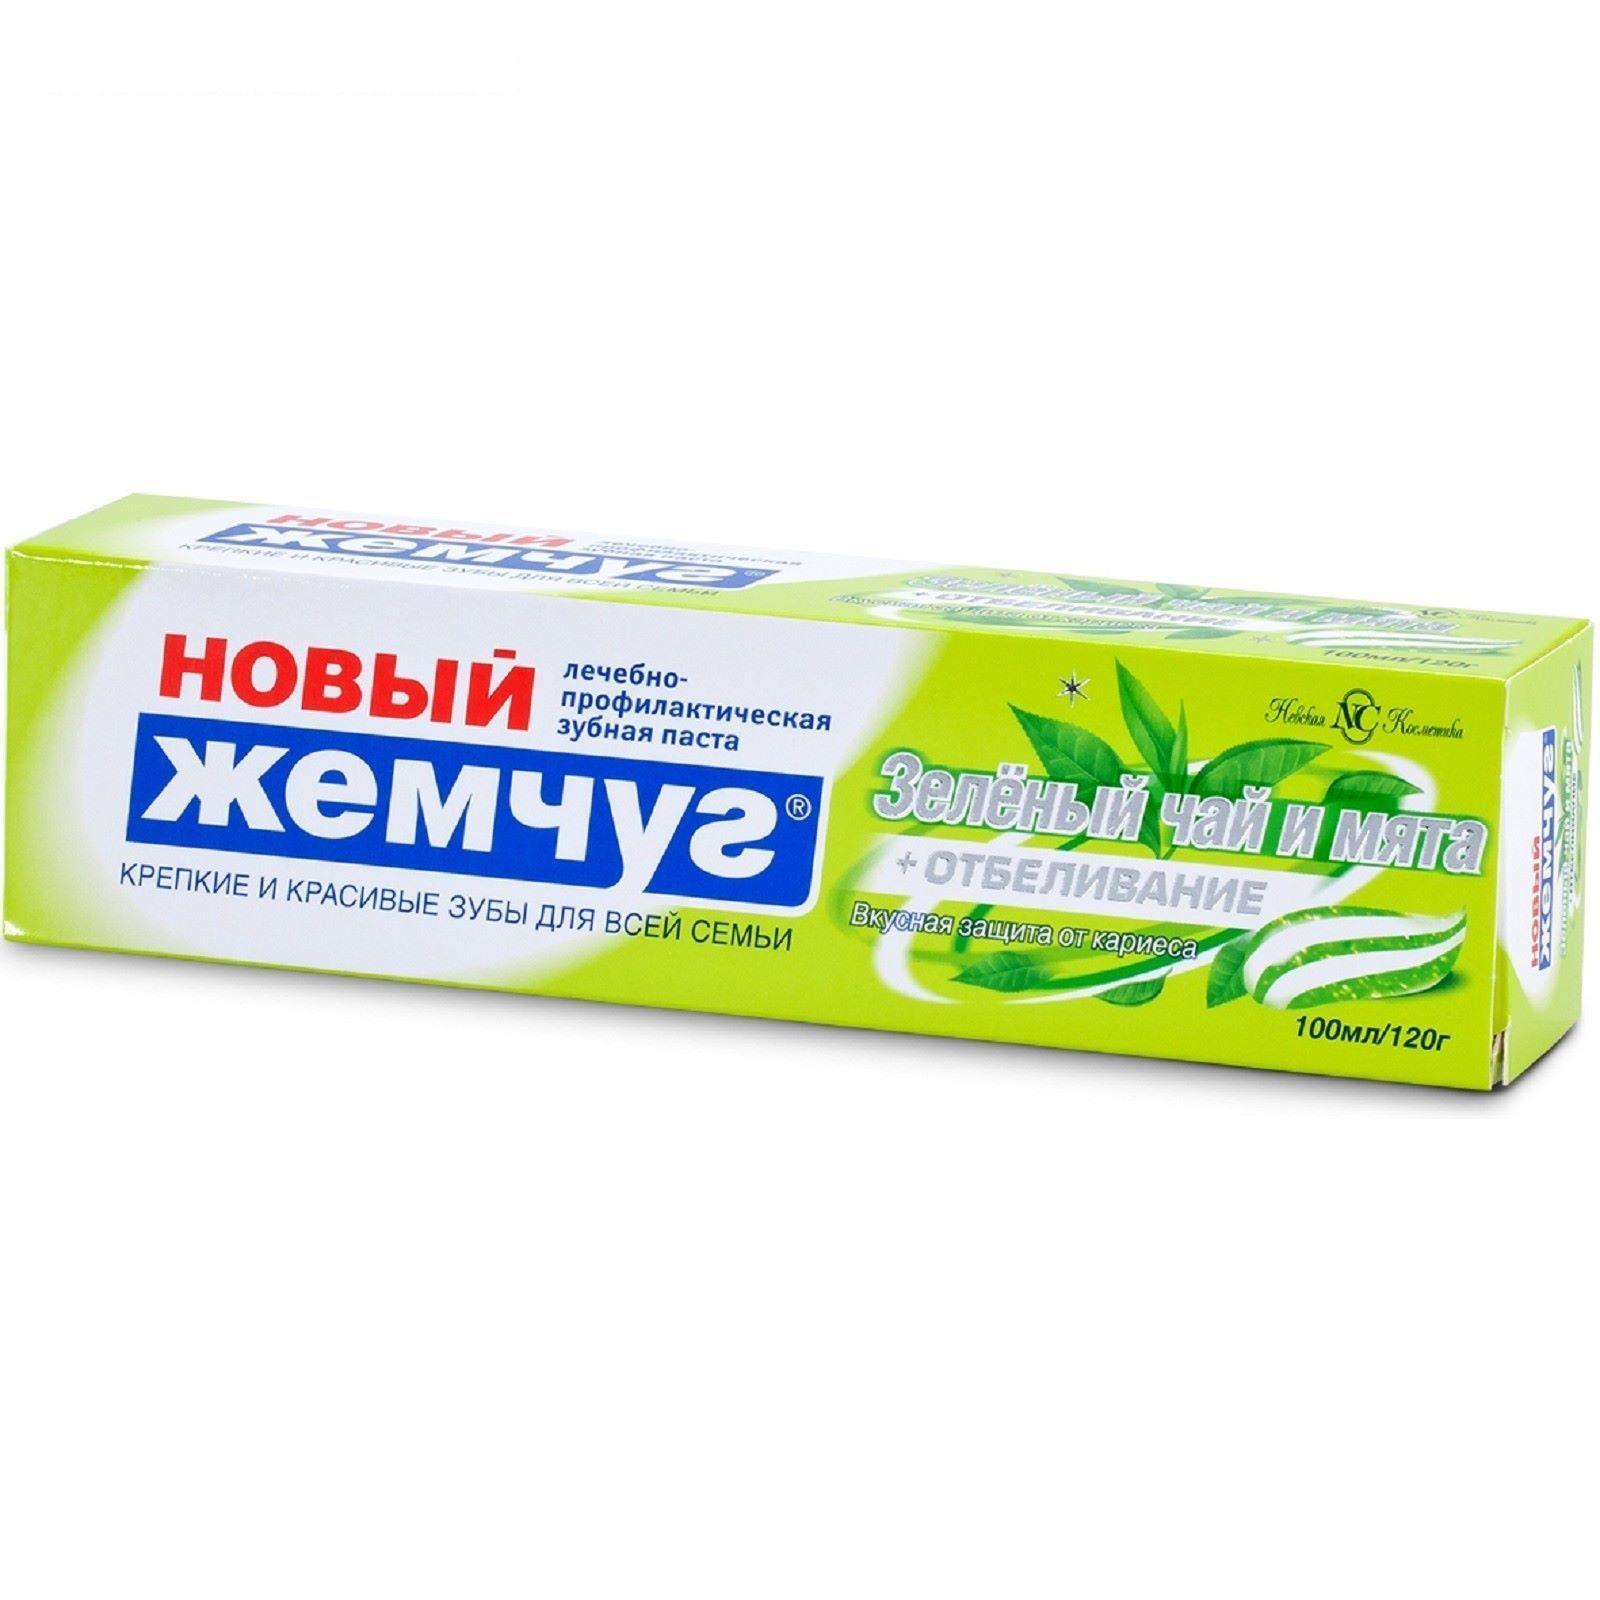 Зубная паста Новый жемчуг Зеленый чай и мята + отбеливание